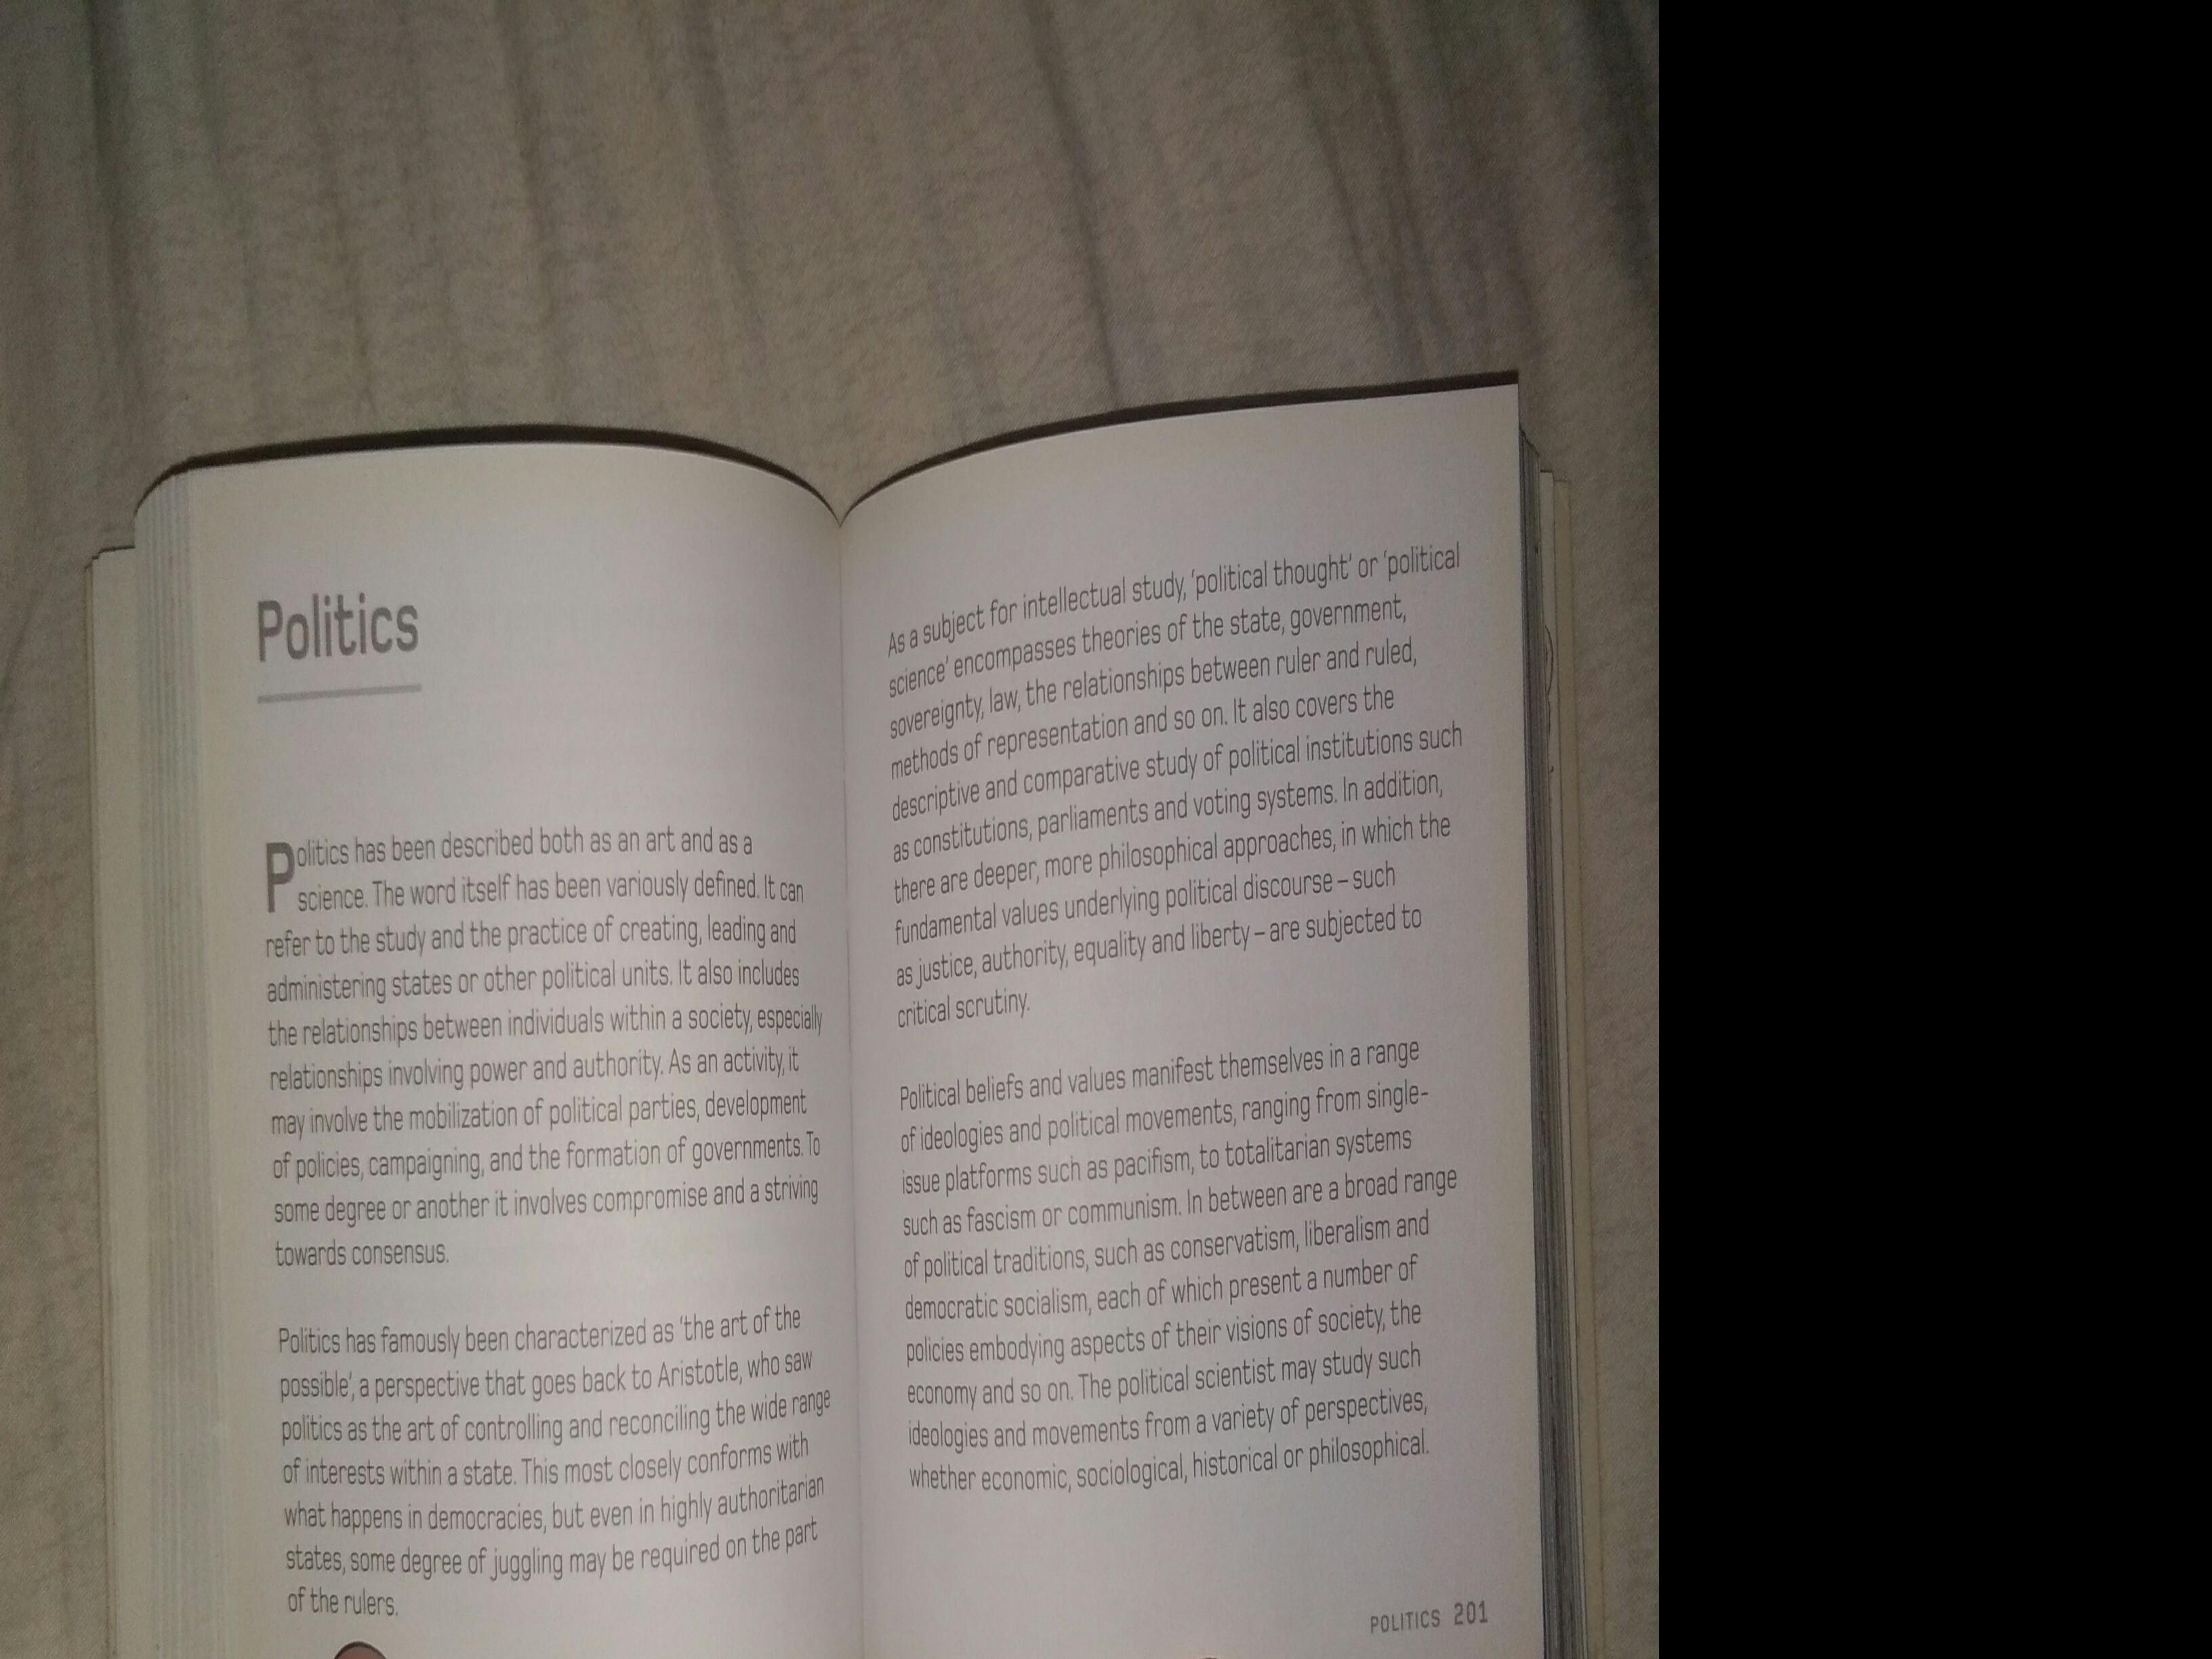 Big Ideas in Brief by Ian Crofton